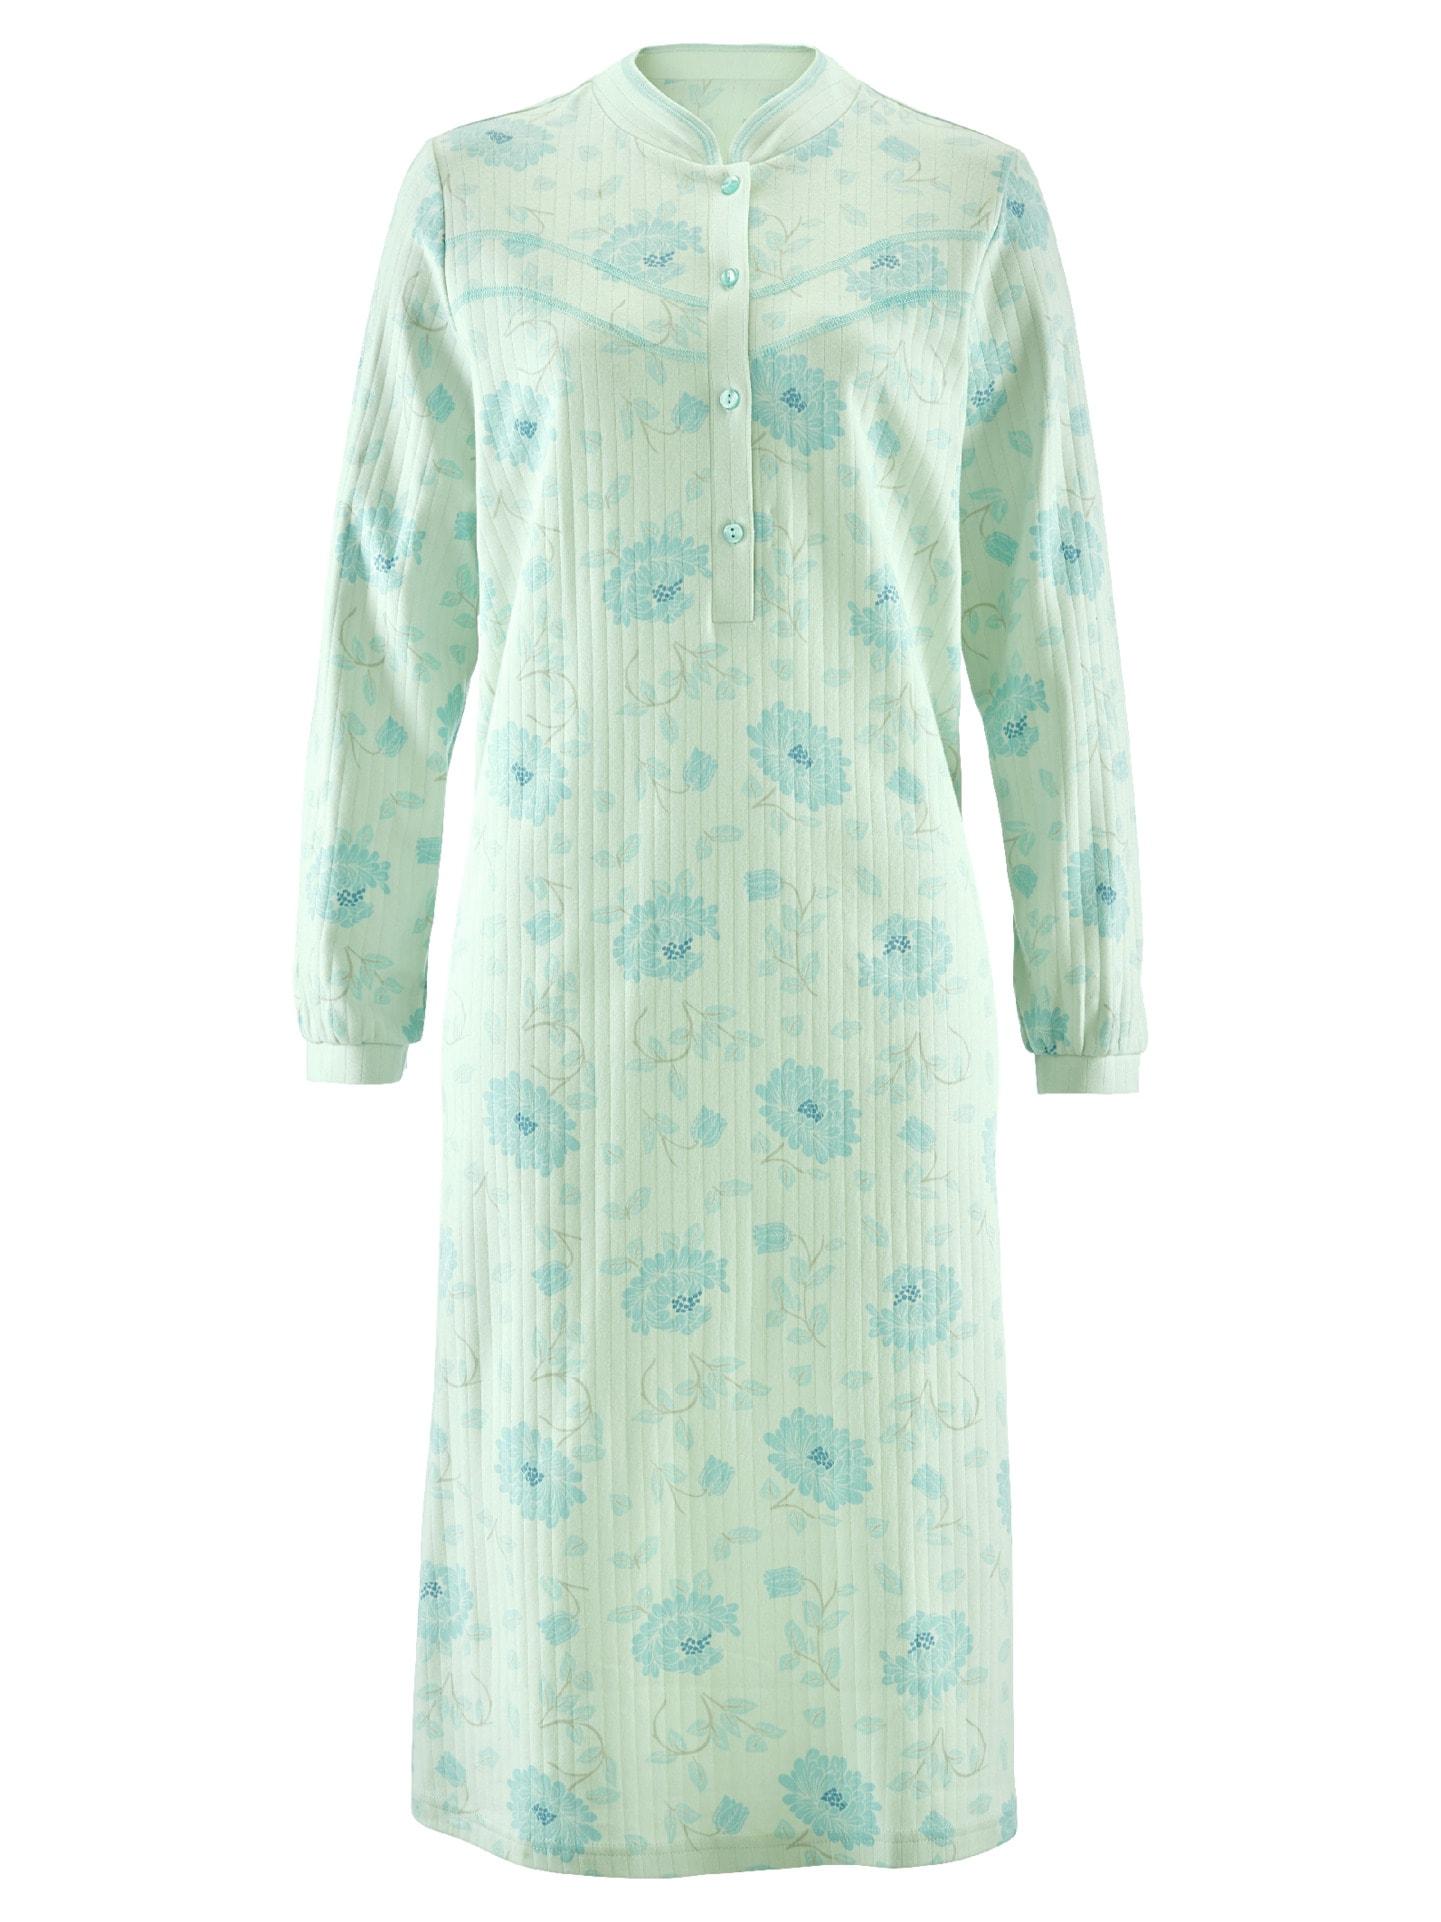 Avena noch offen: Marke Damen Thermo-Nachthemd Blüten-Dessin Grün 42-6488-6